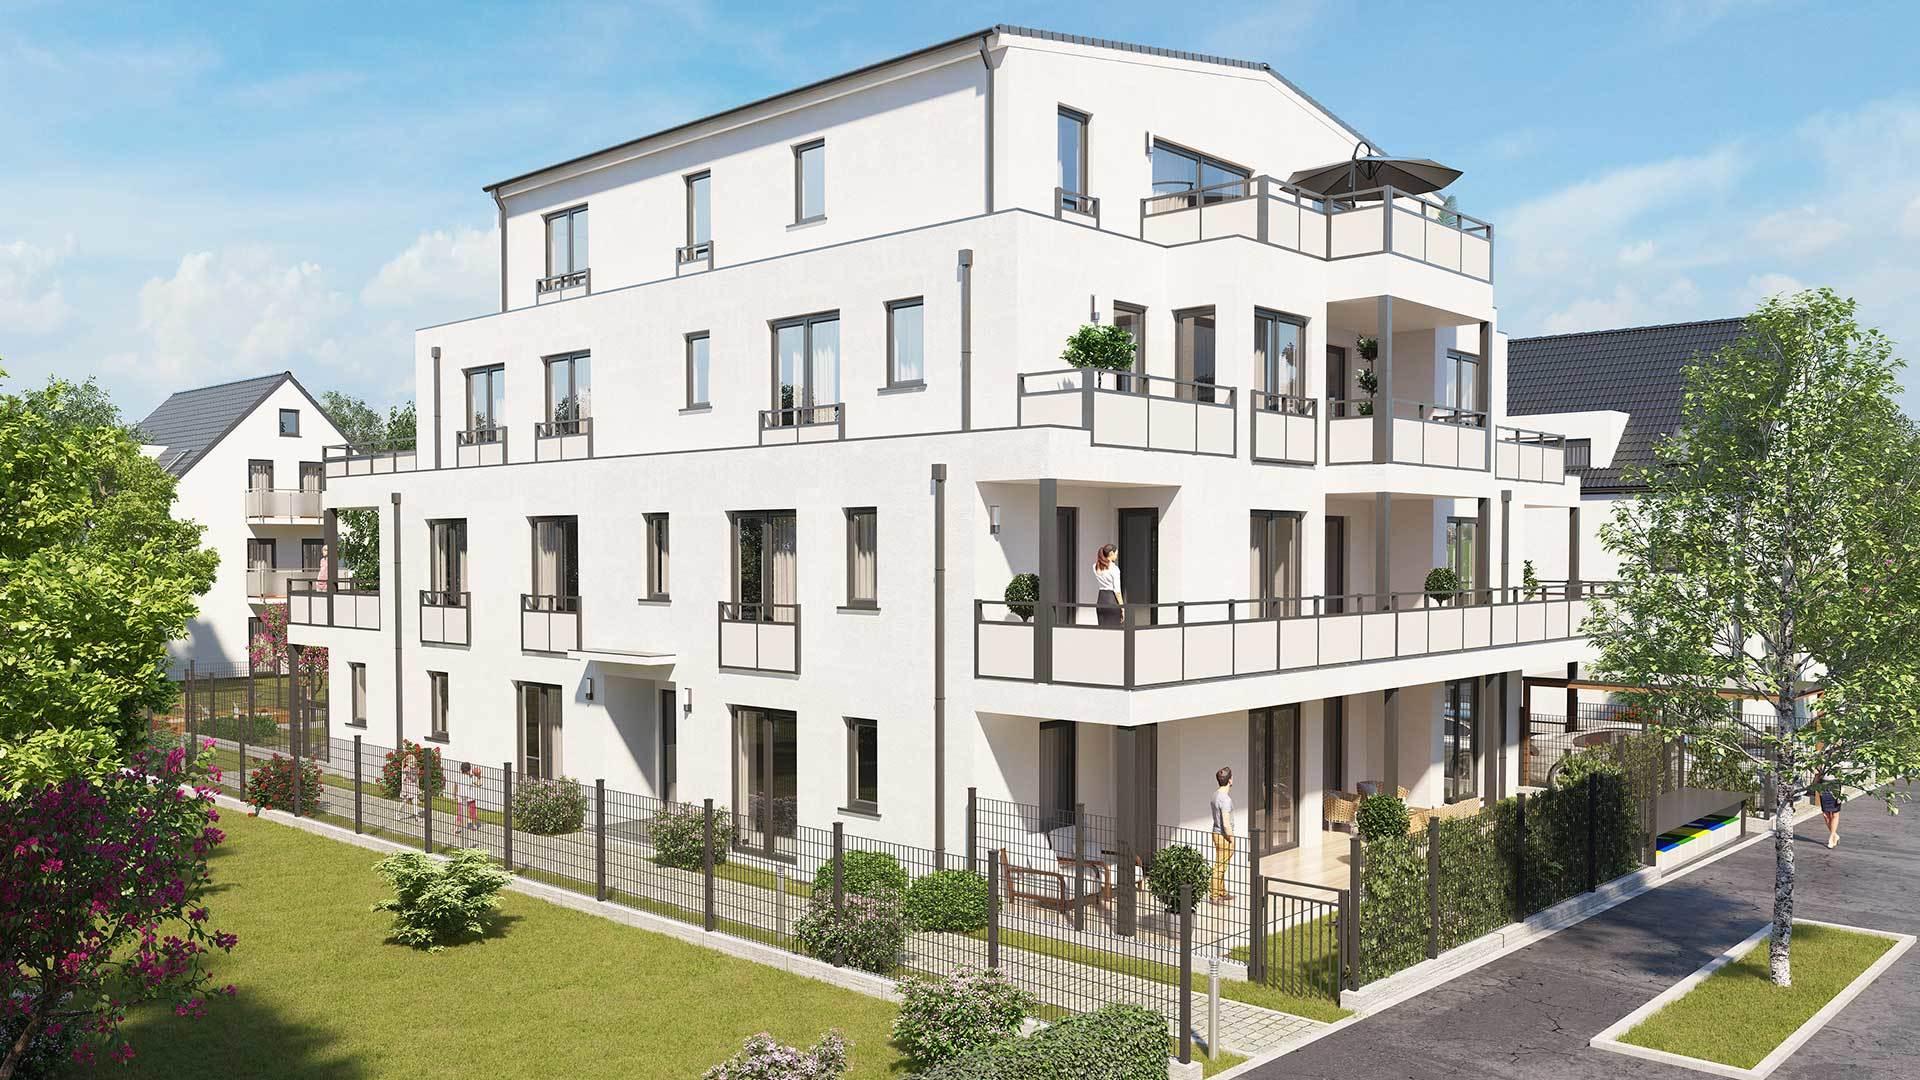 Stille-Immobilien-Uerdinger-Str.-790-Ideal-für-Senioren-Moderne-Gartenwohnung-2